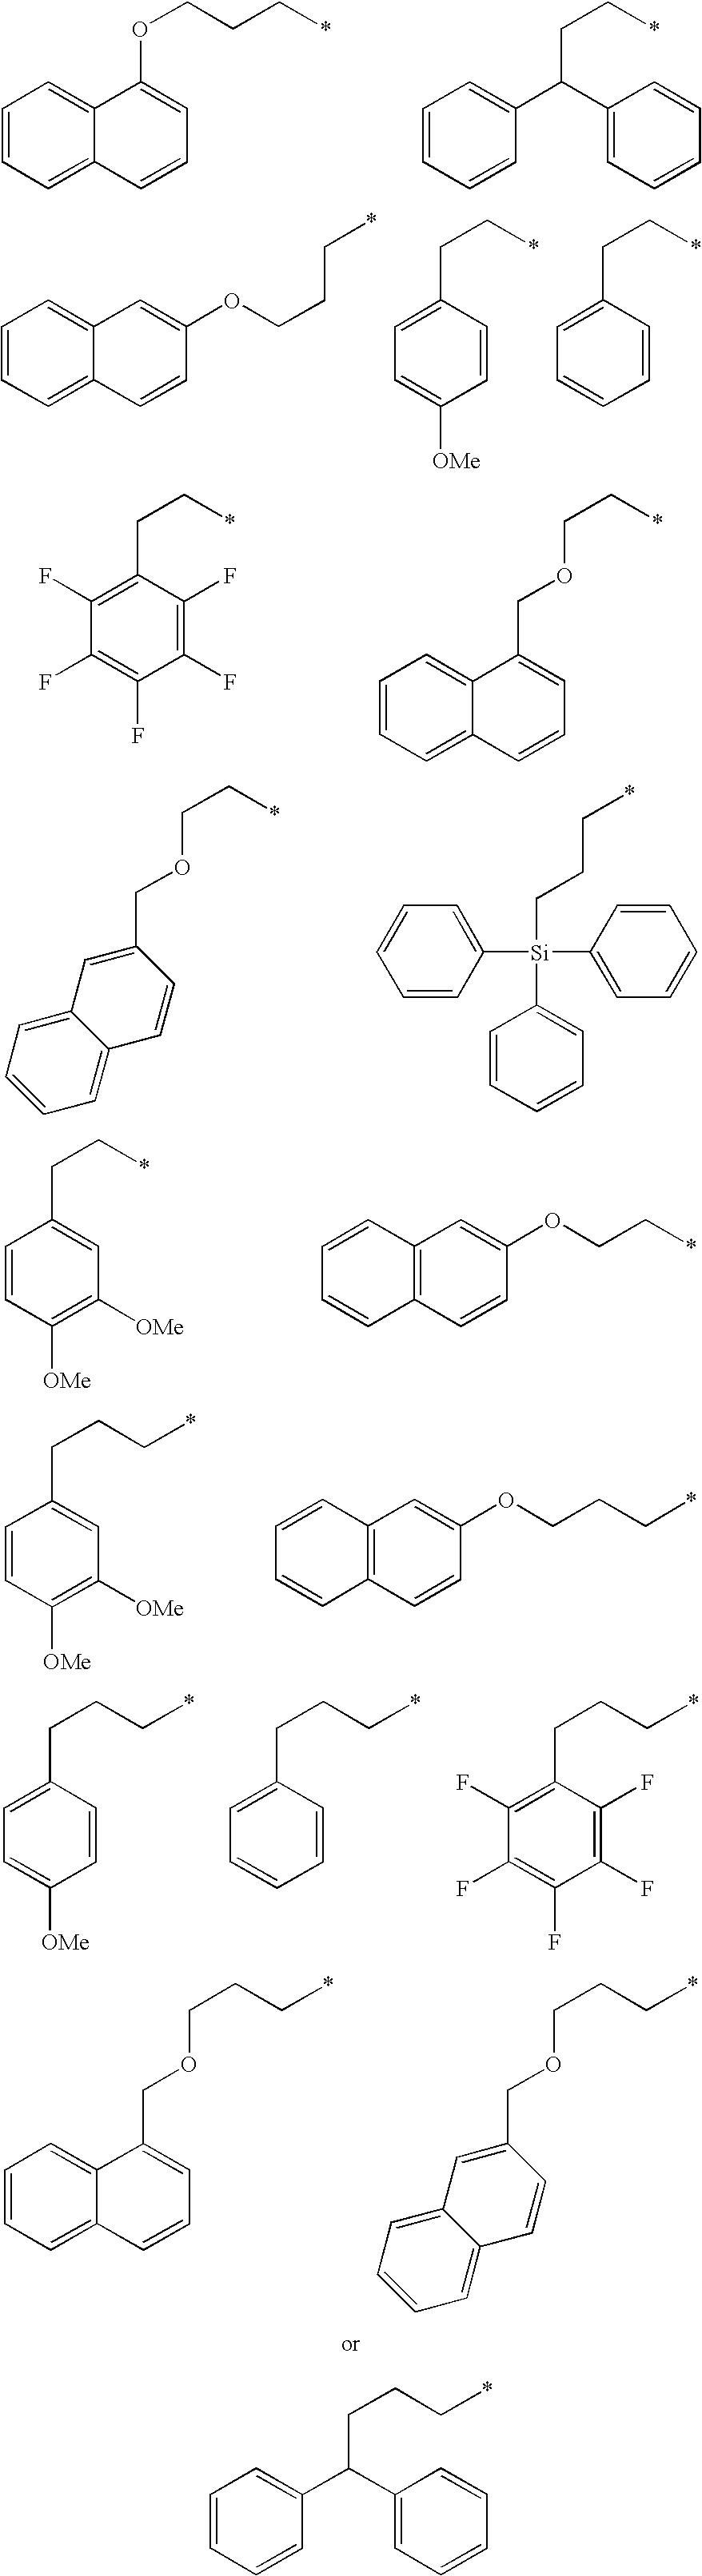 Figure US06989430-20060124-C00003